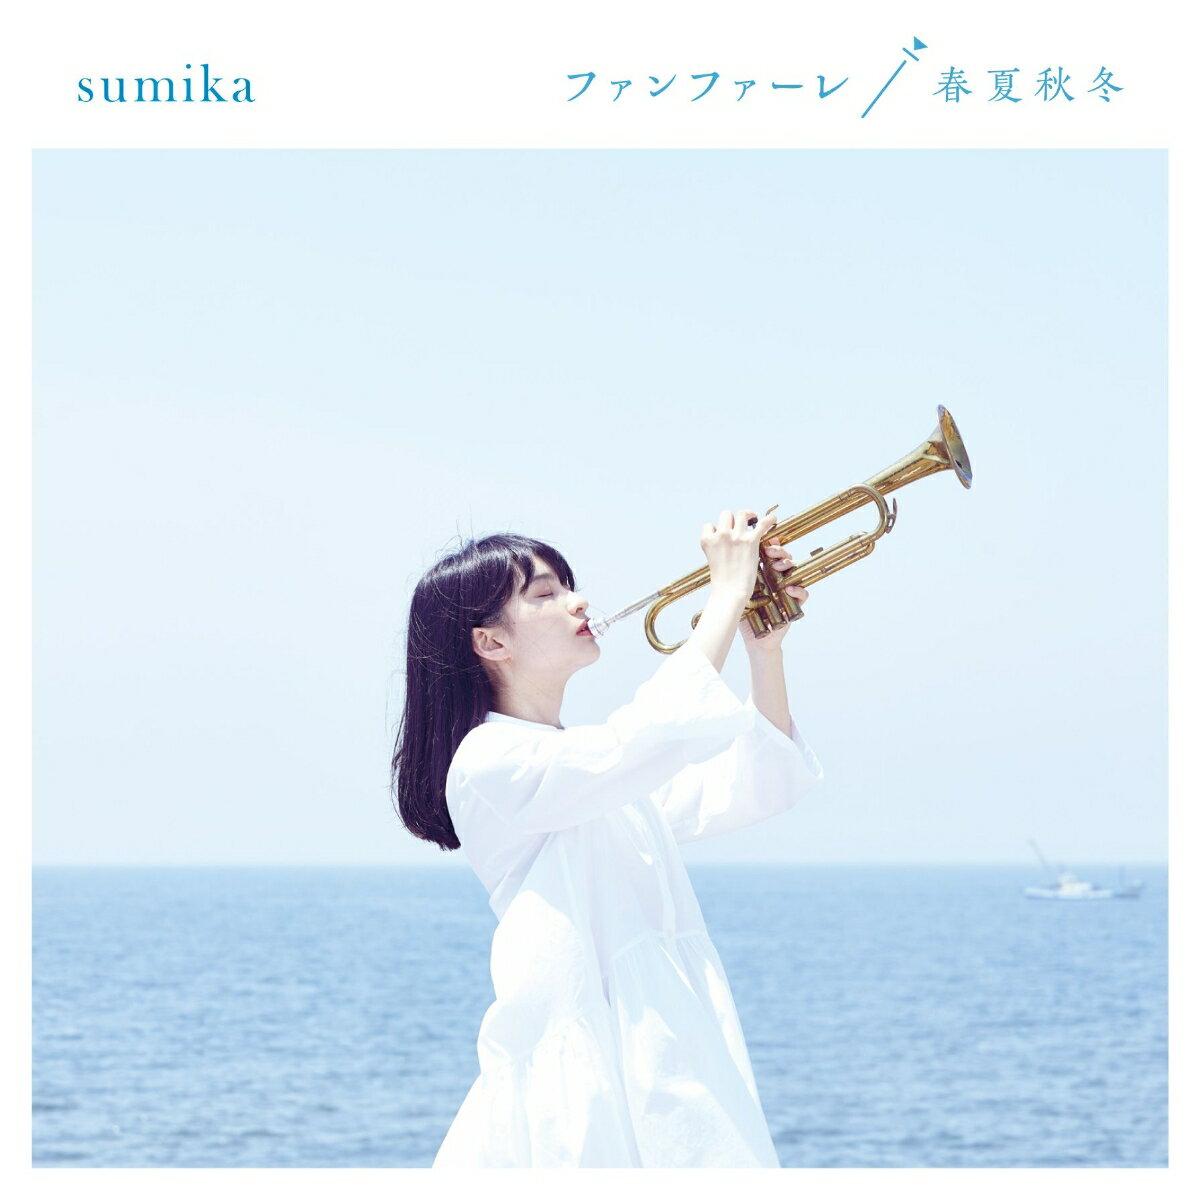 ファンファーレ/春夏秋冬 (初回限定盤 CD+DVD) [ sumika ]